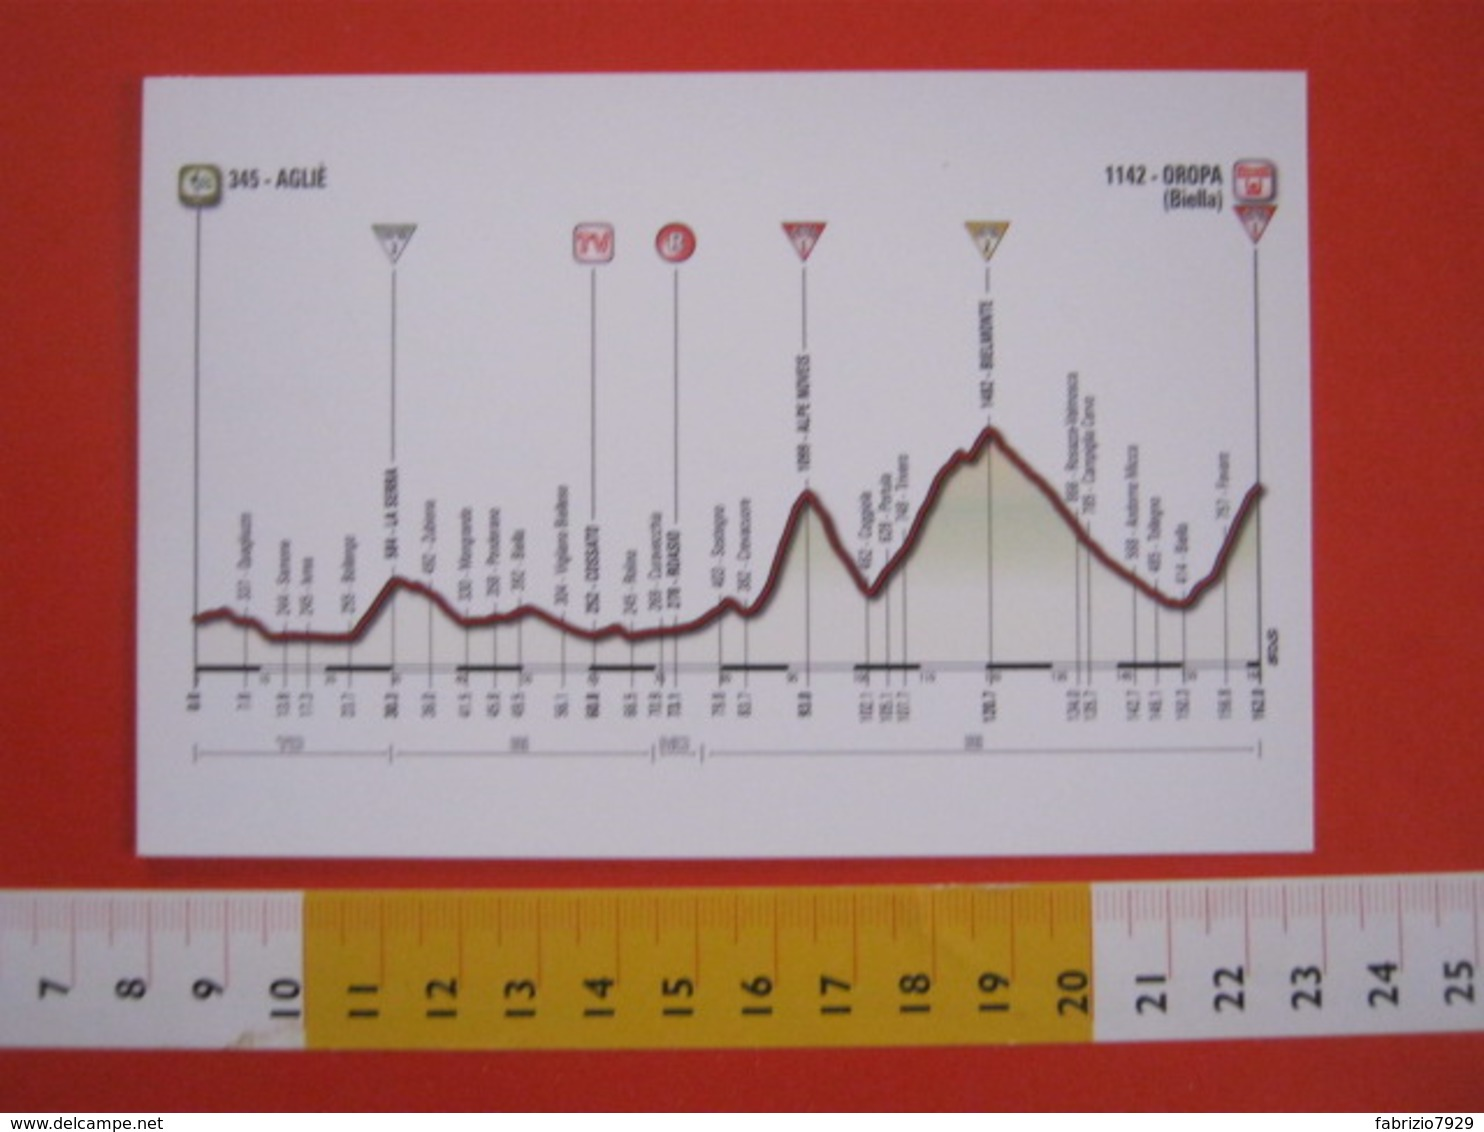 A.07 ITALIA ANNULLO - 2014 BIELLA INCONTRA CICLISTI GIRO DI ITALIA AGLIE IVREA VIGLIANO COSSATO ROASIO TRIVERO BIELMONTE - Ciclismo